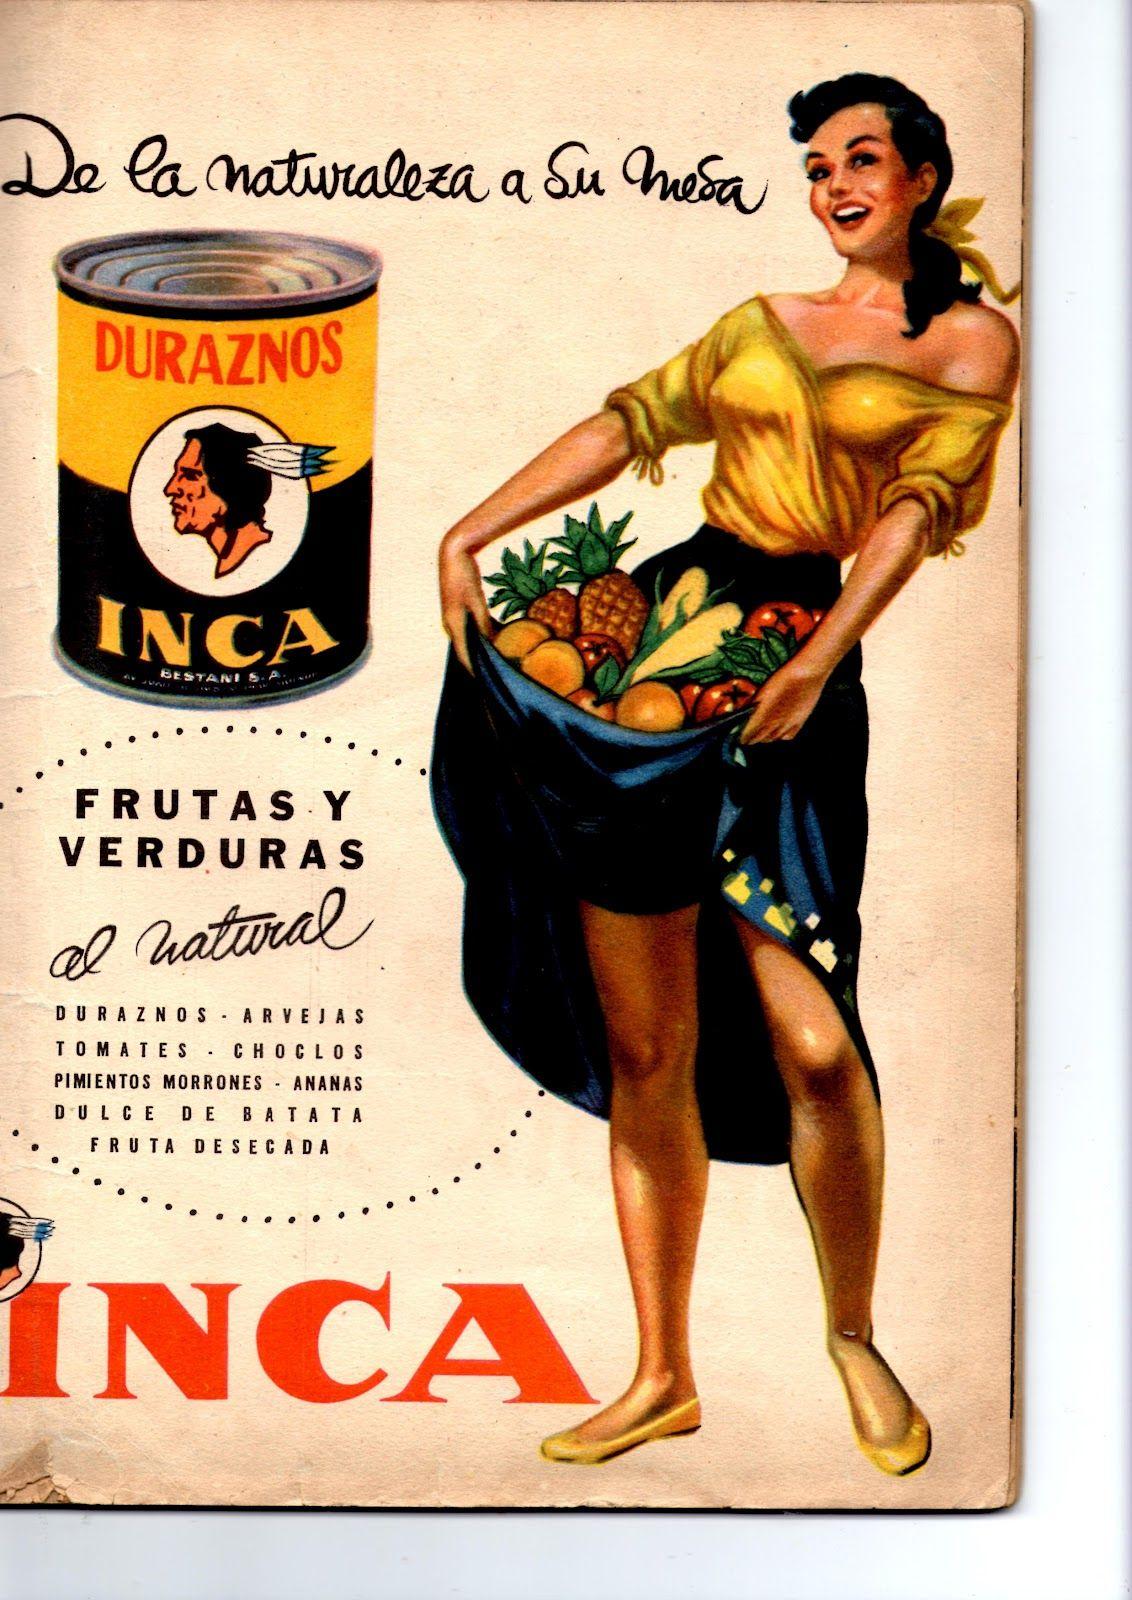 Frutas y verduras inca etiquetas carteles afiches pinterest publicidad retro - Carteles retro ...